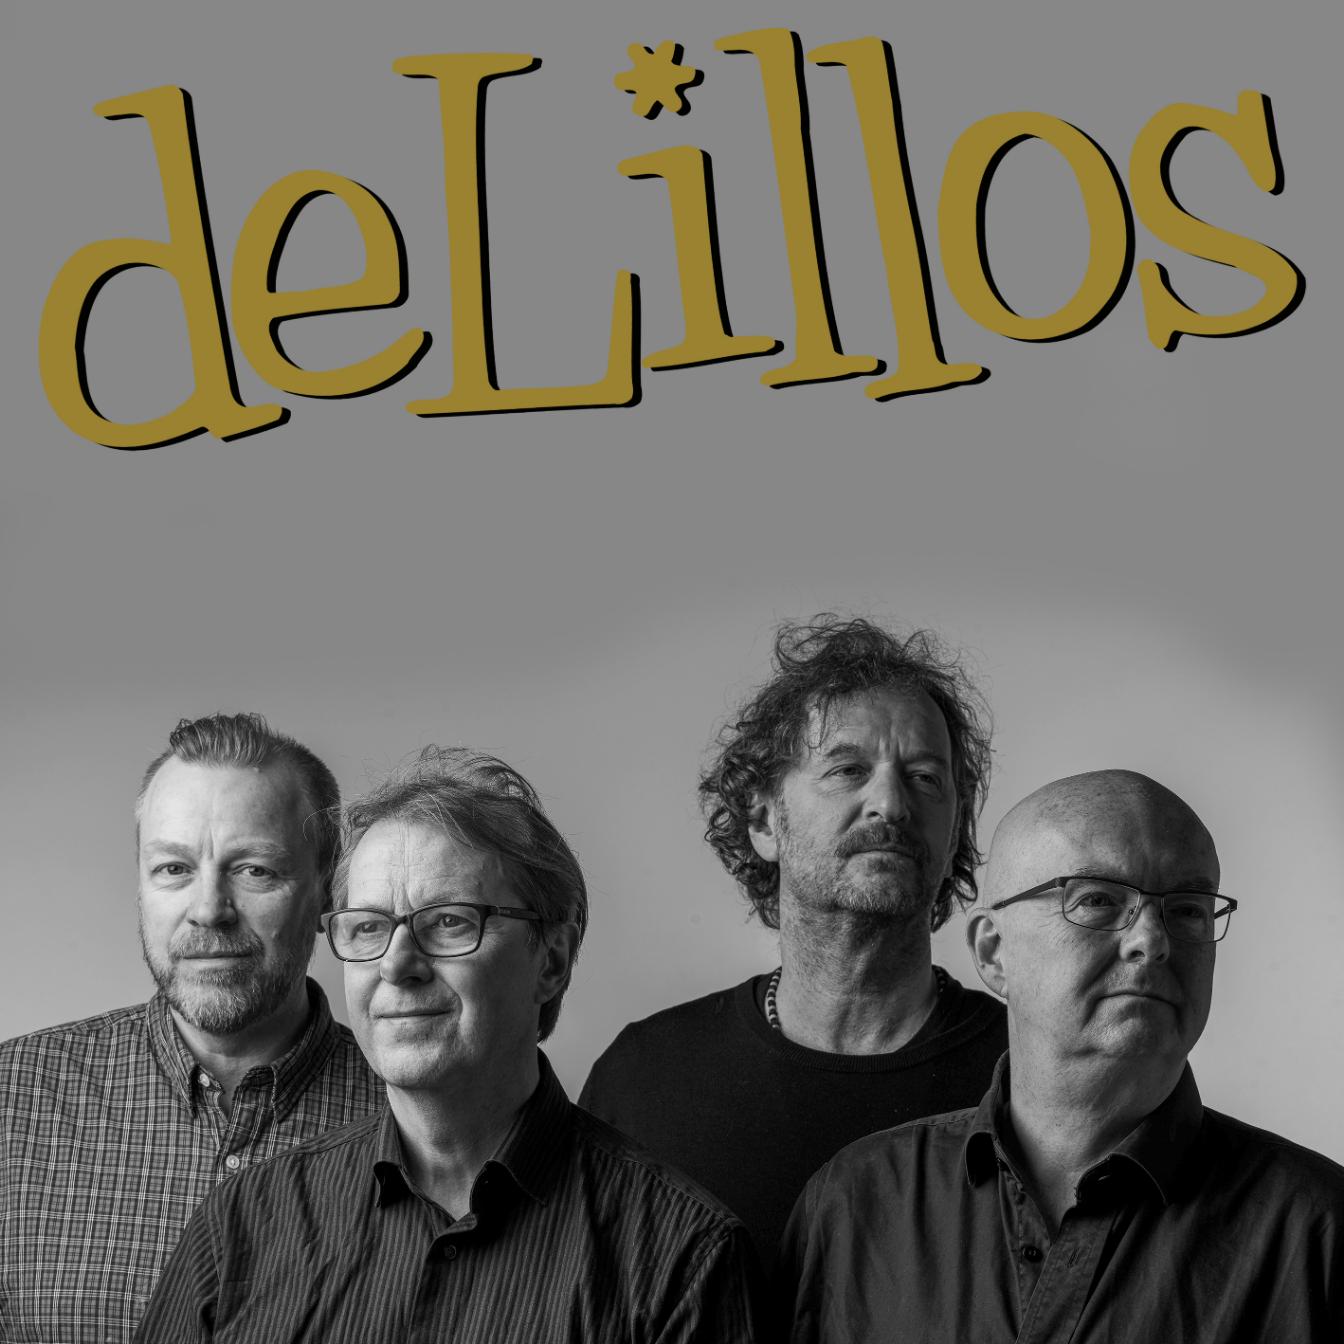 deLillos + support DAB